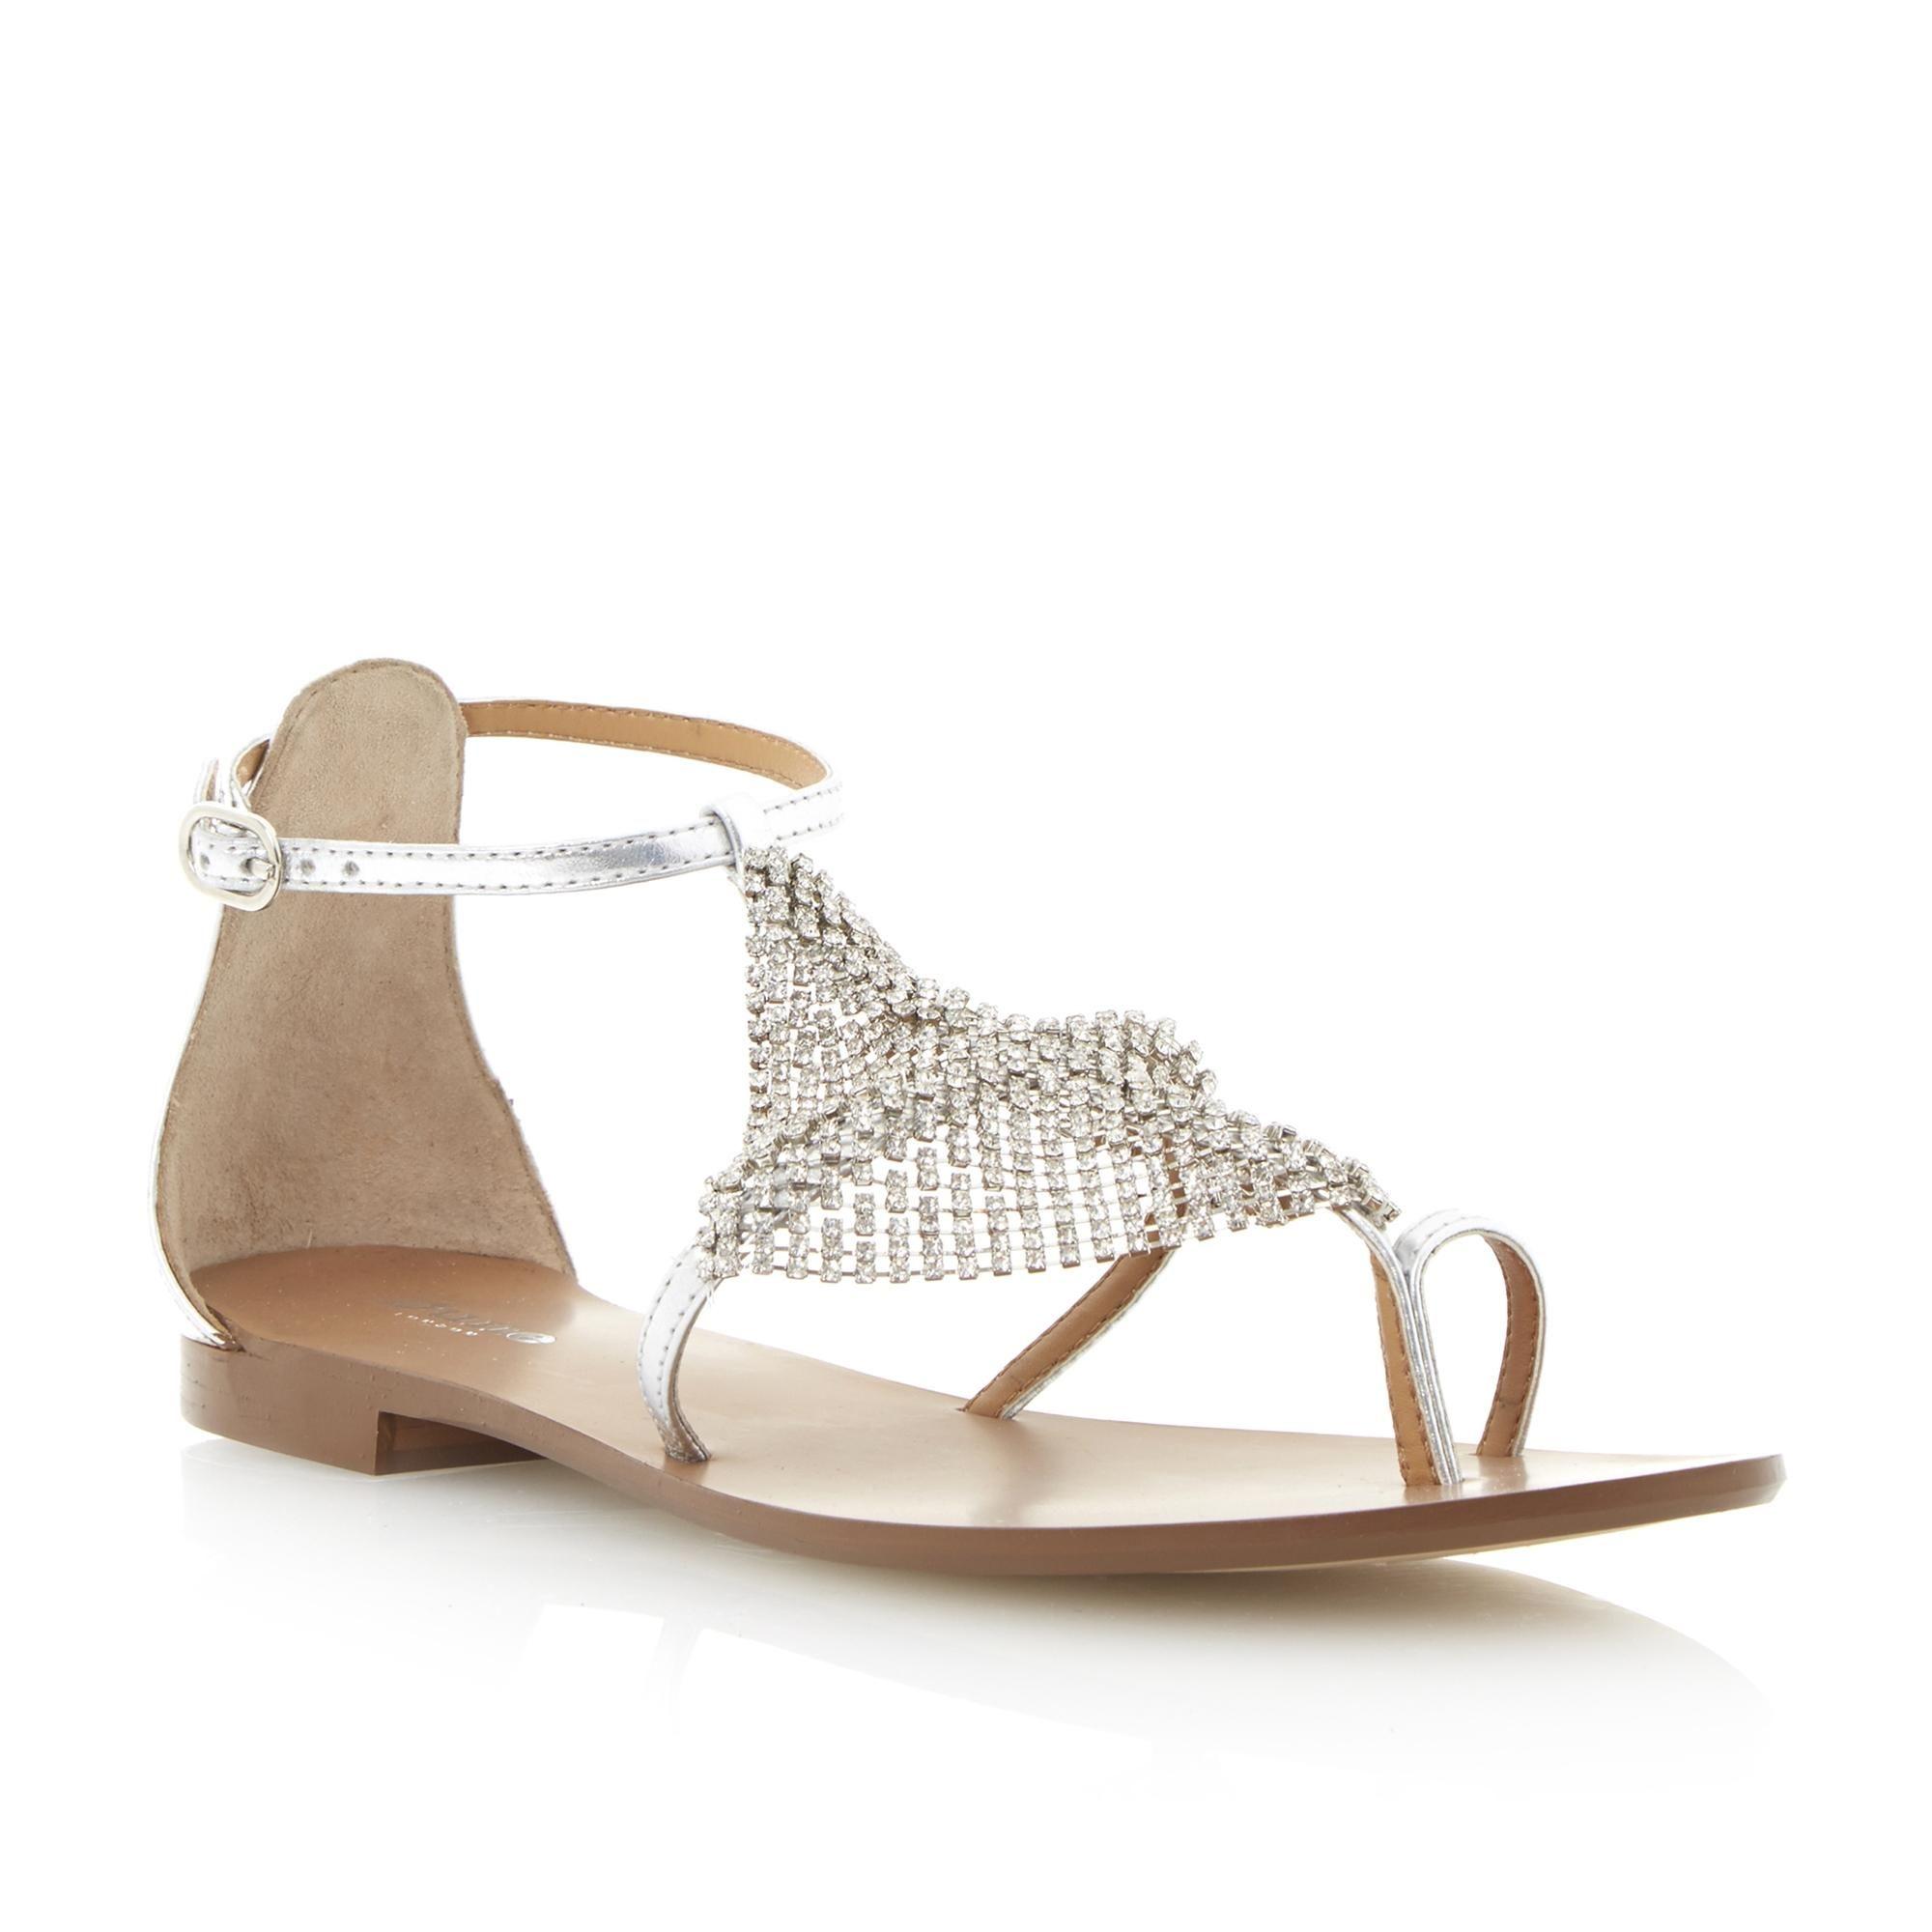 9b5d48c4b96 DUNE LADIES KARI - Diamante Toe Ring Sandal - silver